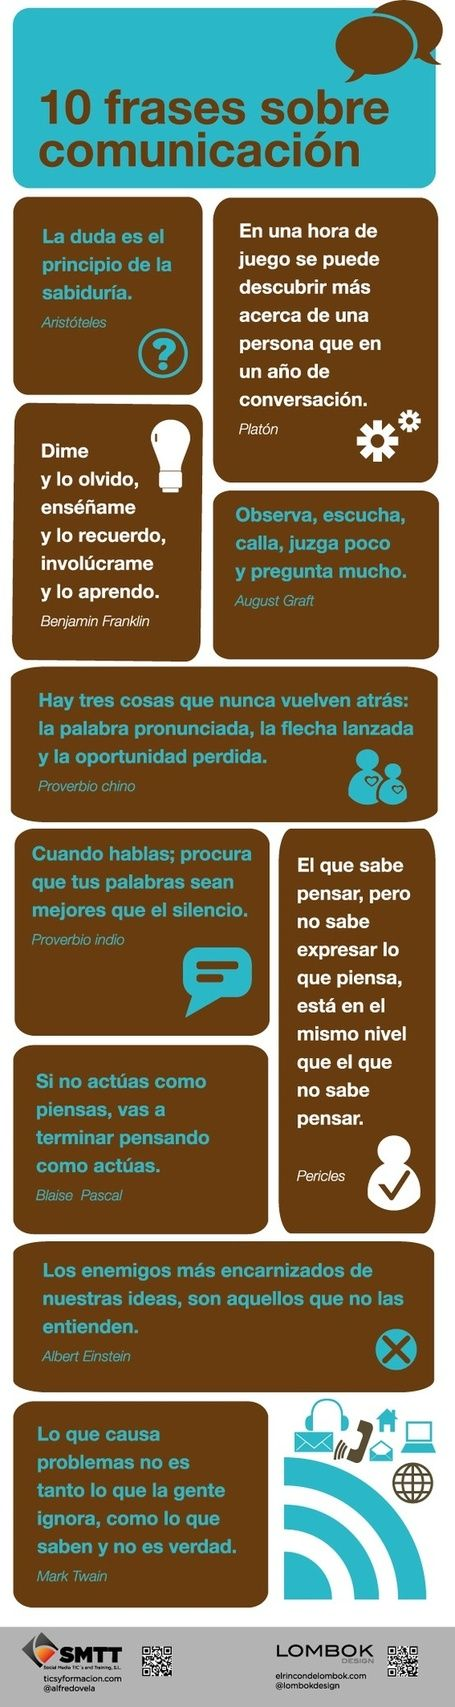 Infografiando: 10 frases sobre comunicación   La revolution de ARMAK   Scoop.it